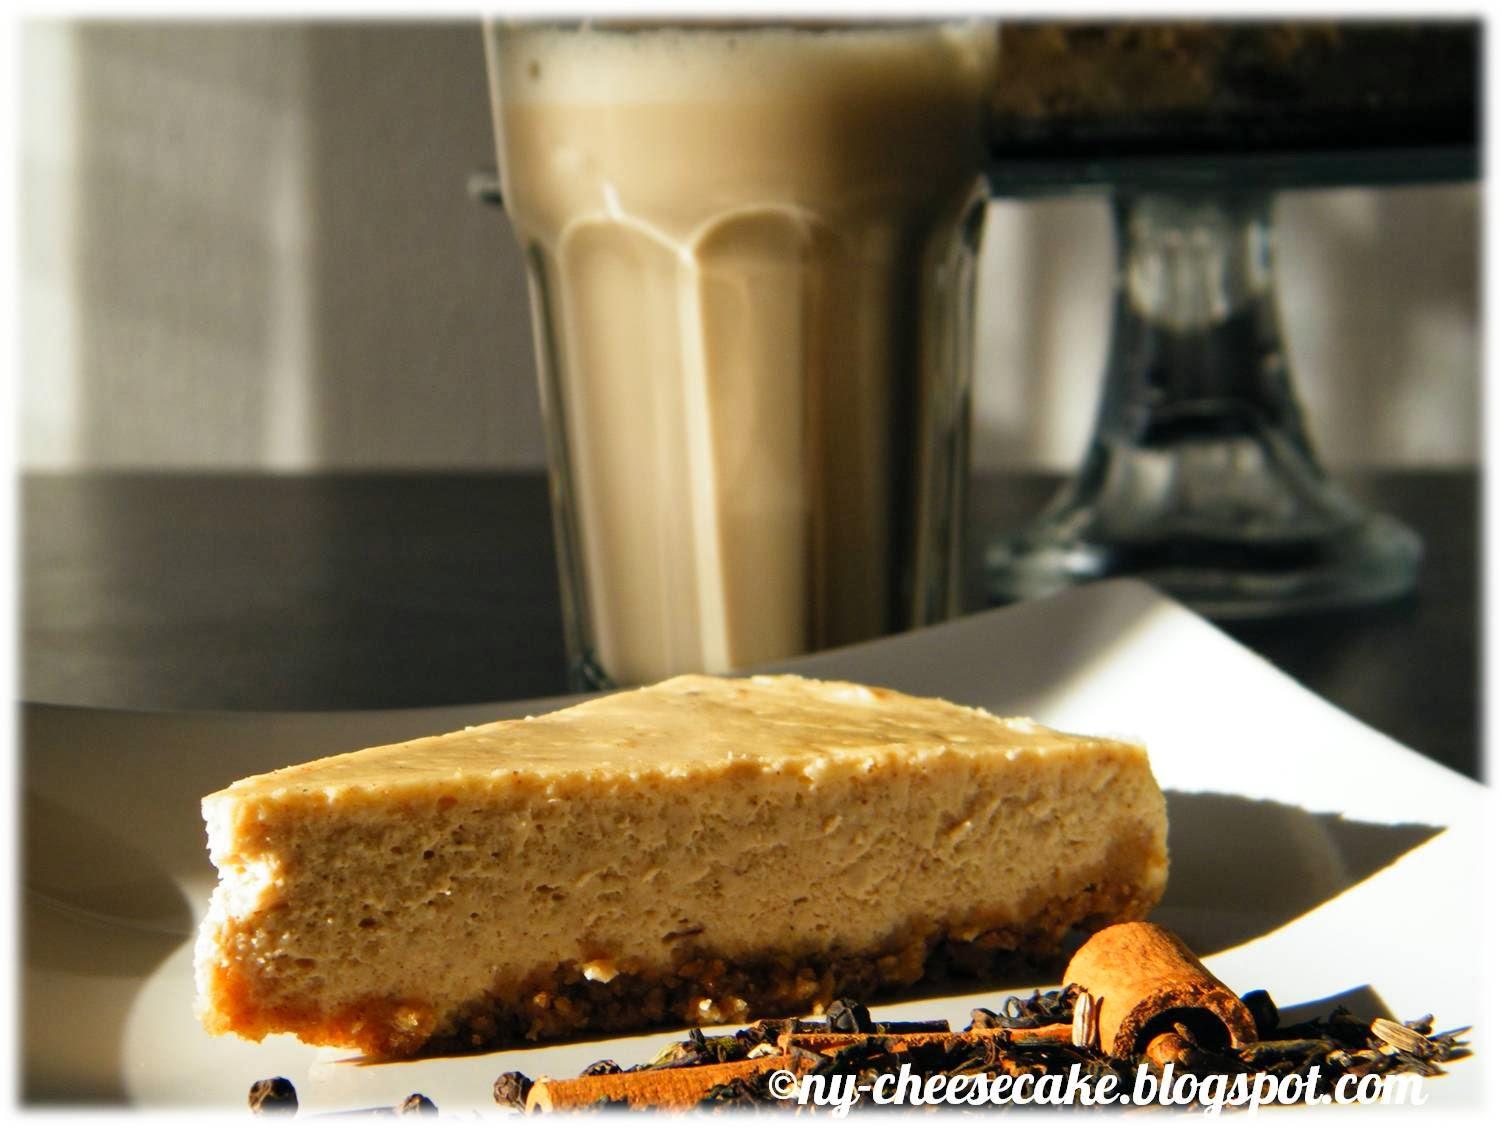 https://reihe11.com/2012/10/06/new-york-cheesecake-mit-chai-und-weisser-schokolade/